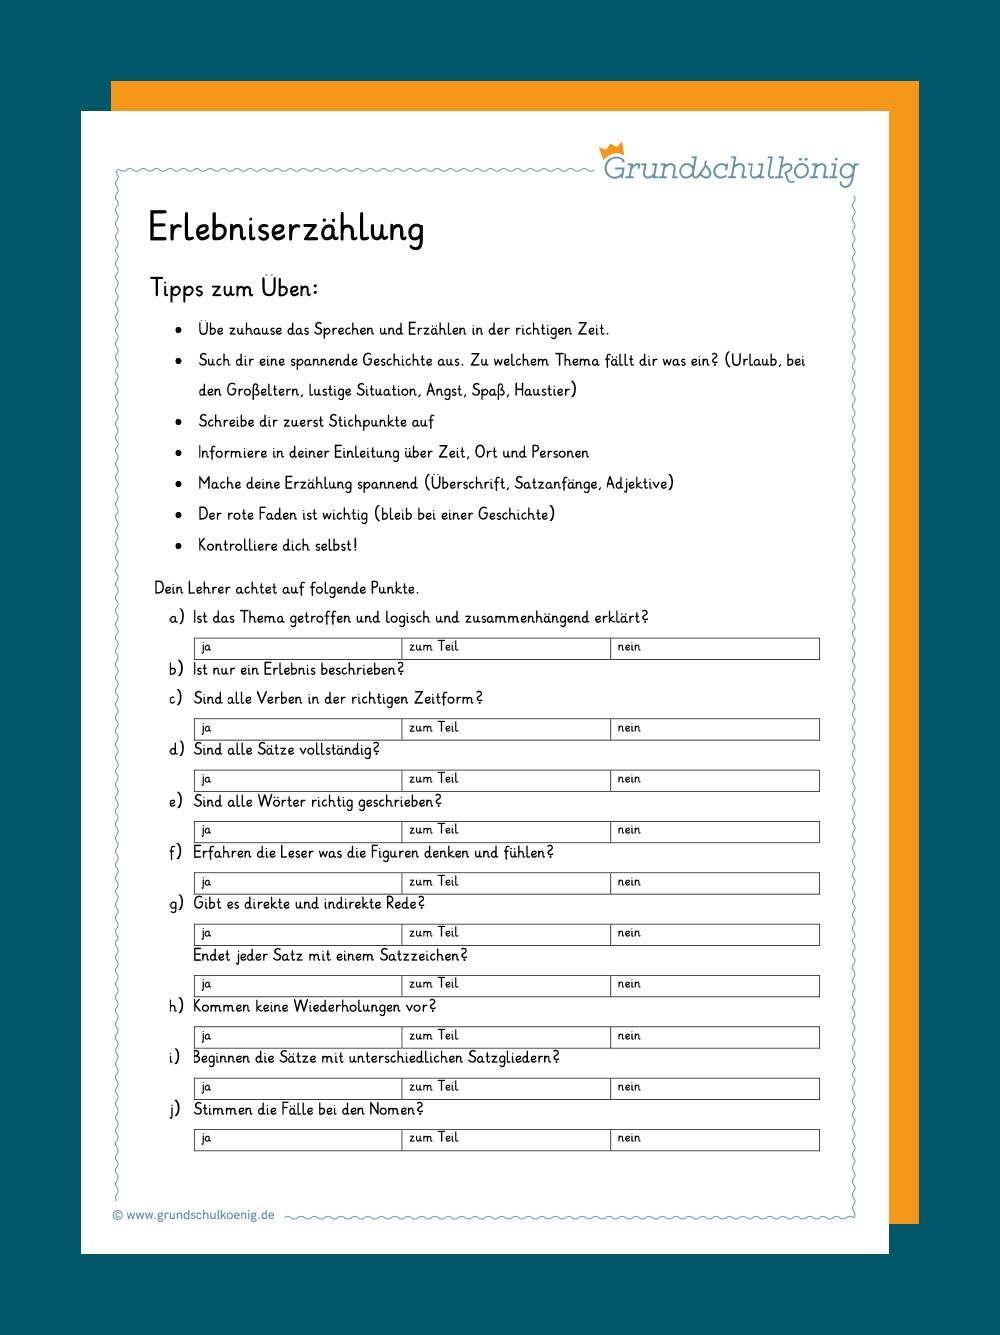 Erlebniserzählung   Erlebniserzählung, Aufsatz schreiben, Deutsch ...